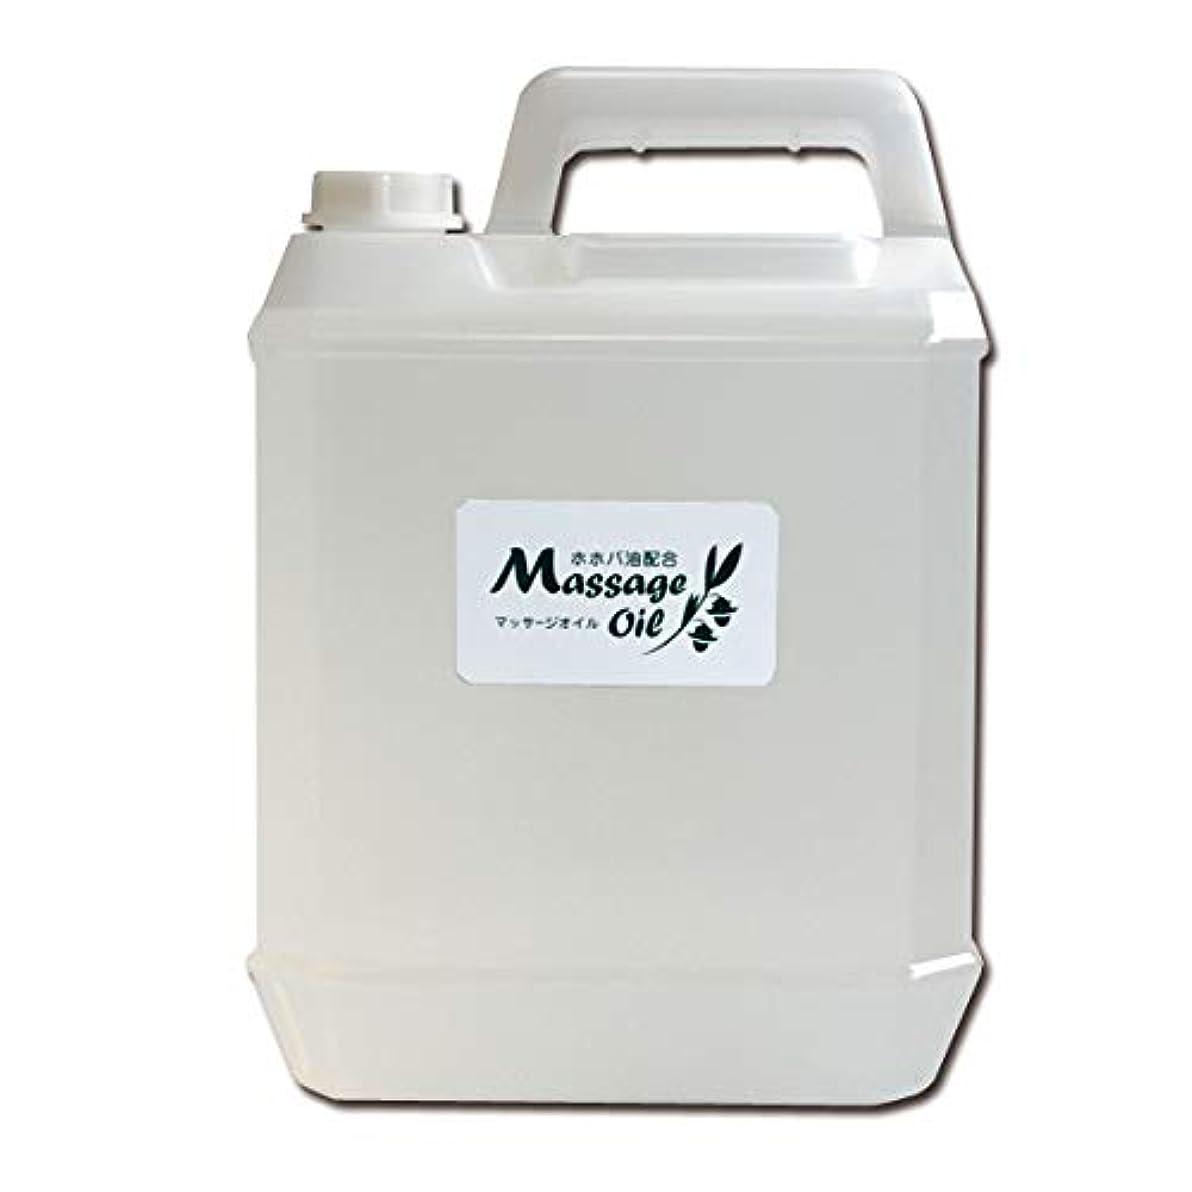 増幅する多年生解明するホホバ油配合マッサージオイル 5L│エステ店御用達のプロ仕様業務用マッサージオイル 大容量 ホホバオイル